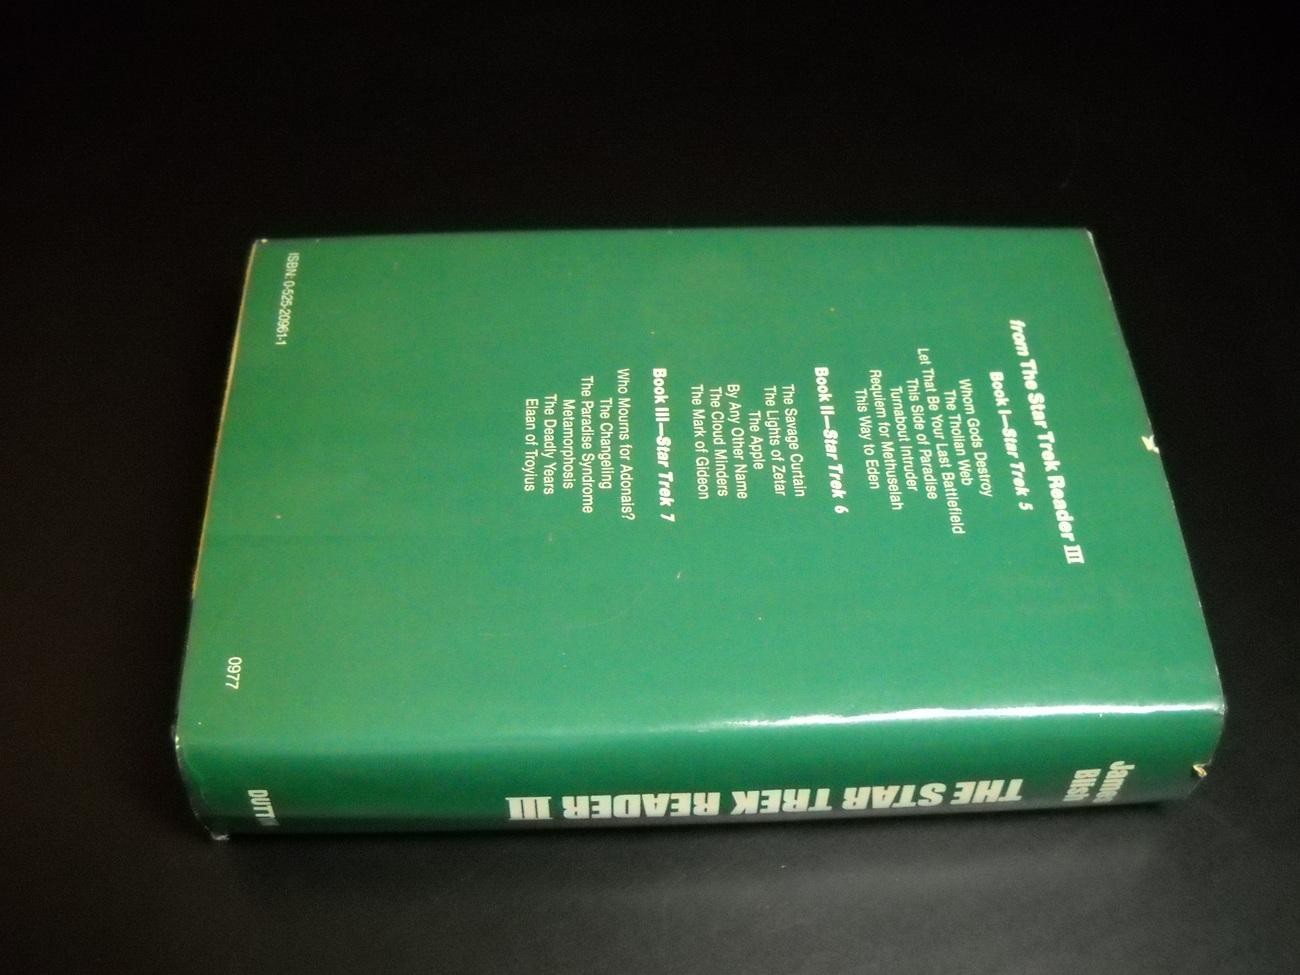 Star Trek Reader III James Blish E P Dutton 1977 First Edition HCDJ Roddenberry